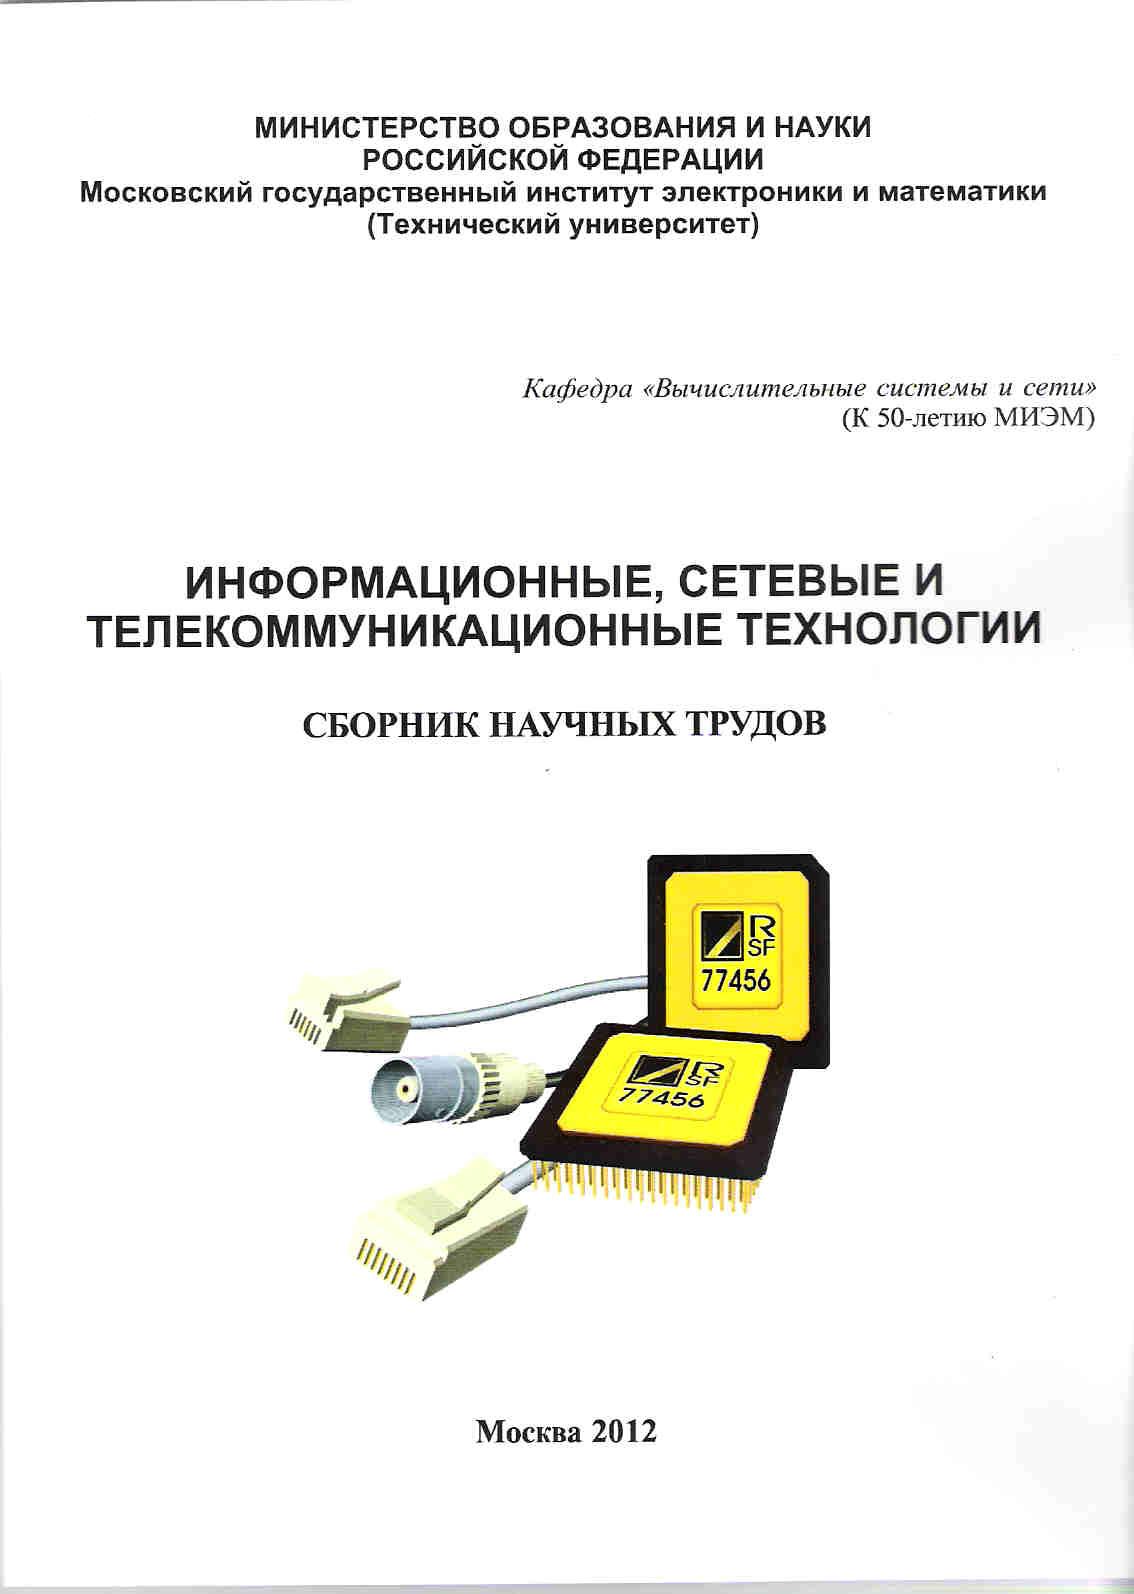 Информационные, сетевые и телекоммуникационные технологии: сборник научных трудов